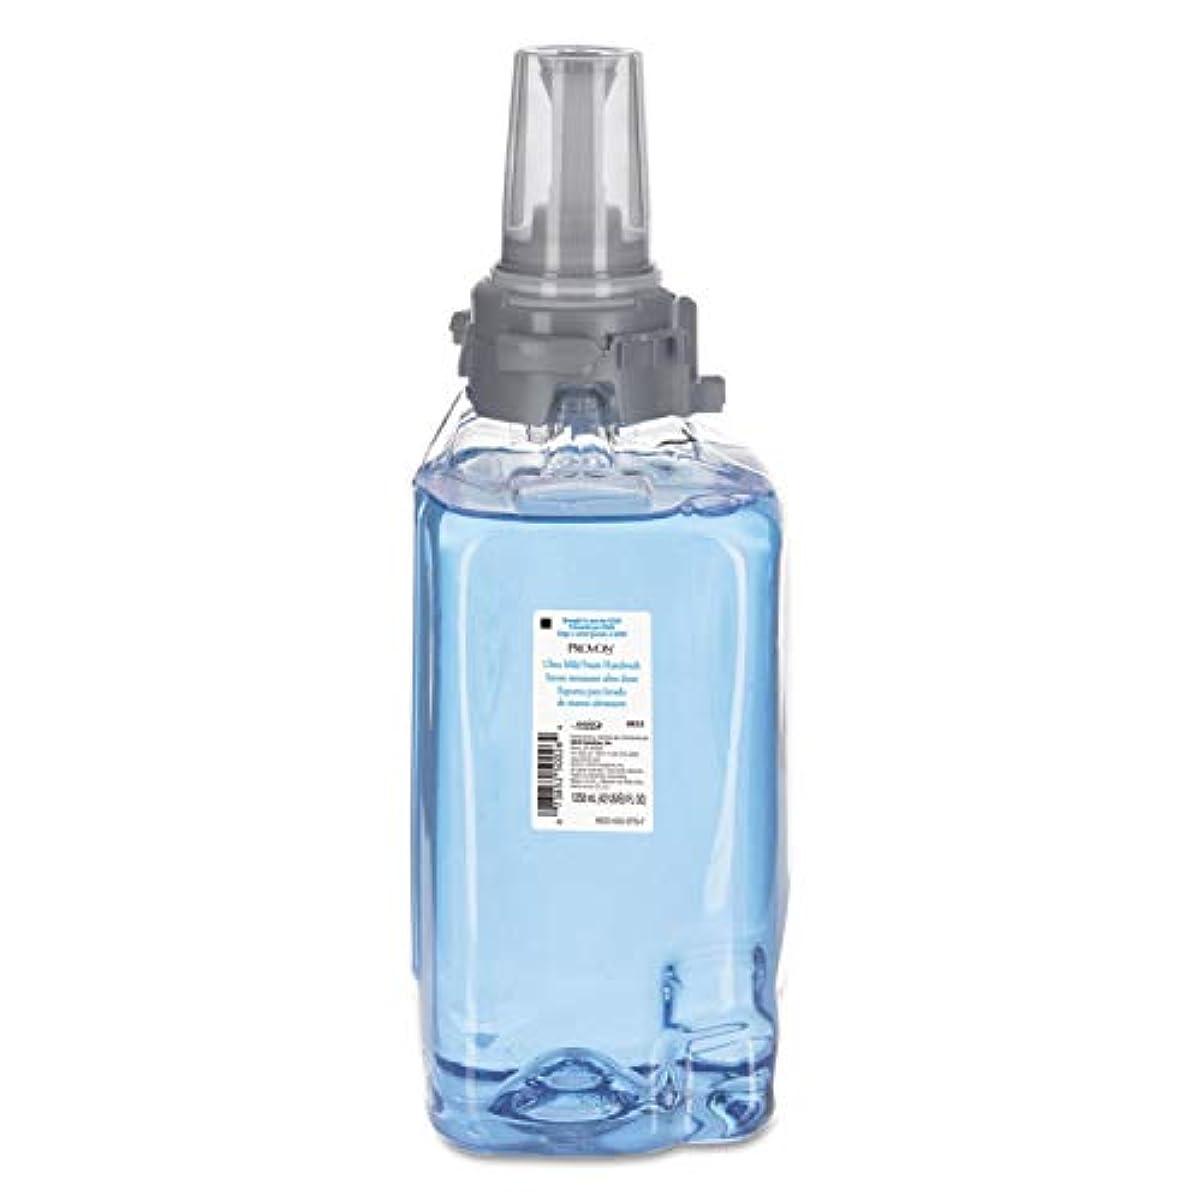 ブレース母性戦艦goj883303 – go-jo Industries Ultra Mild Foam Handwash